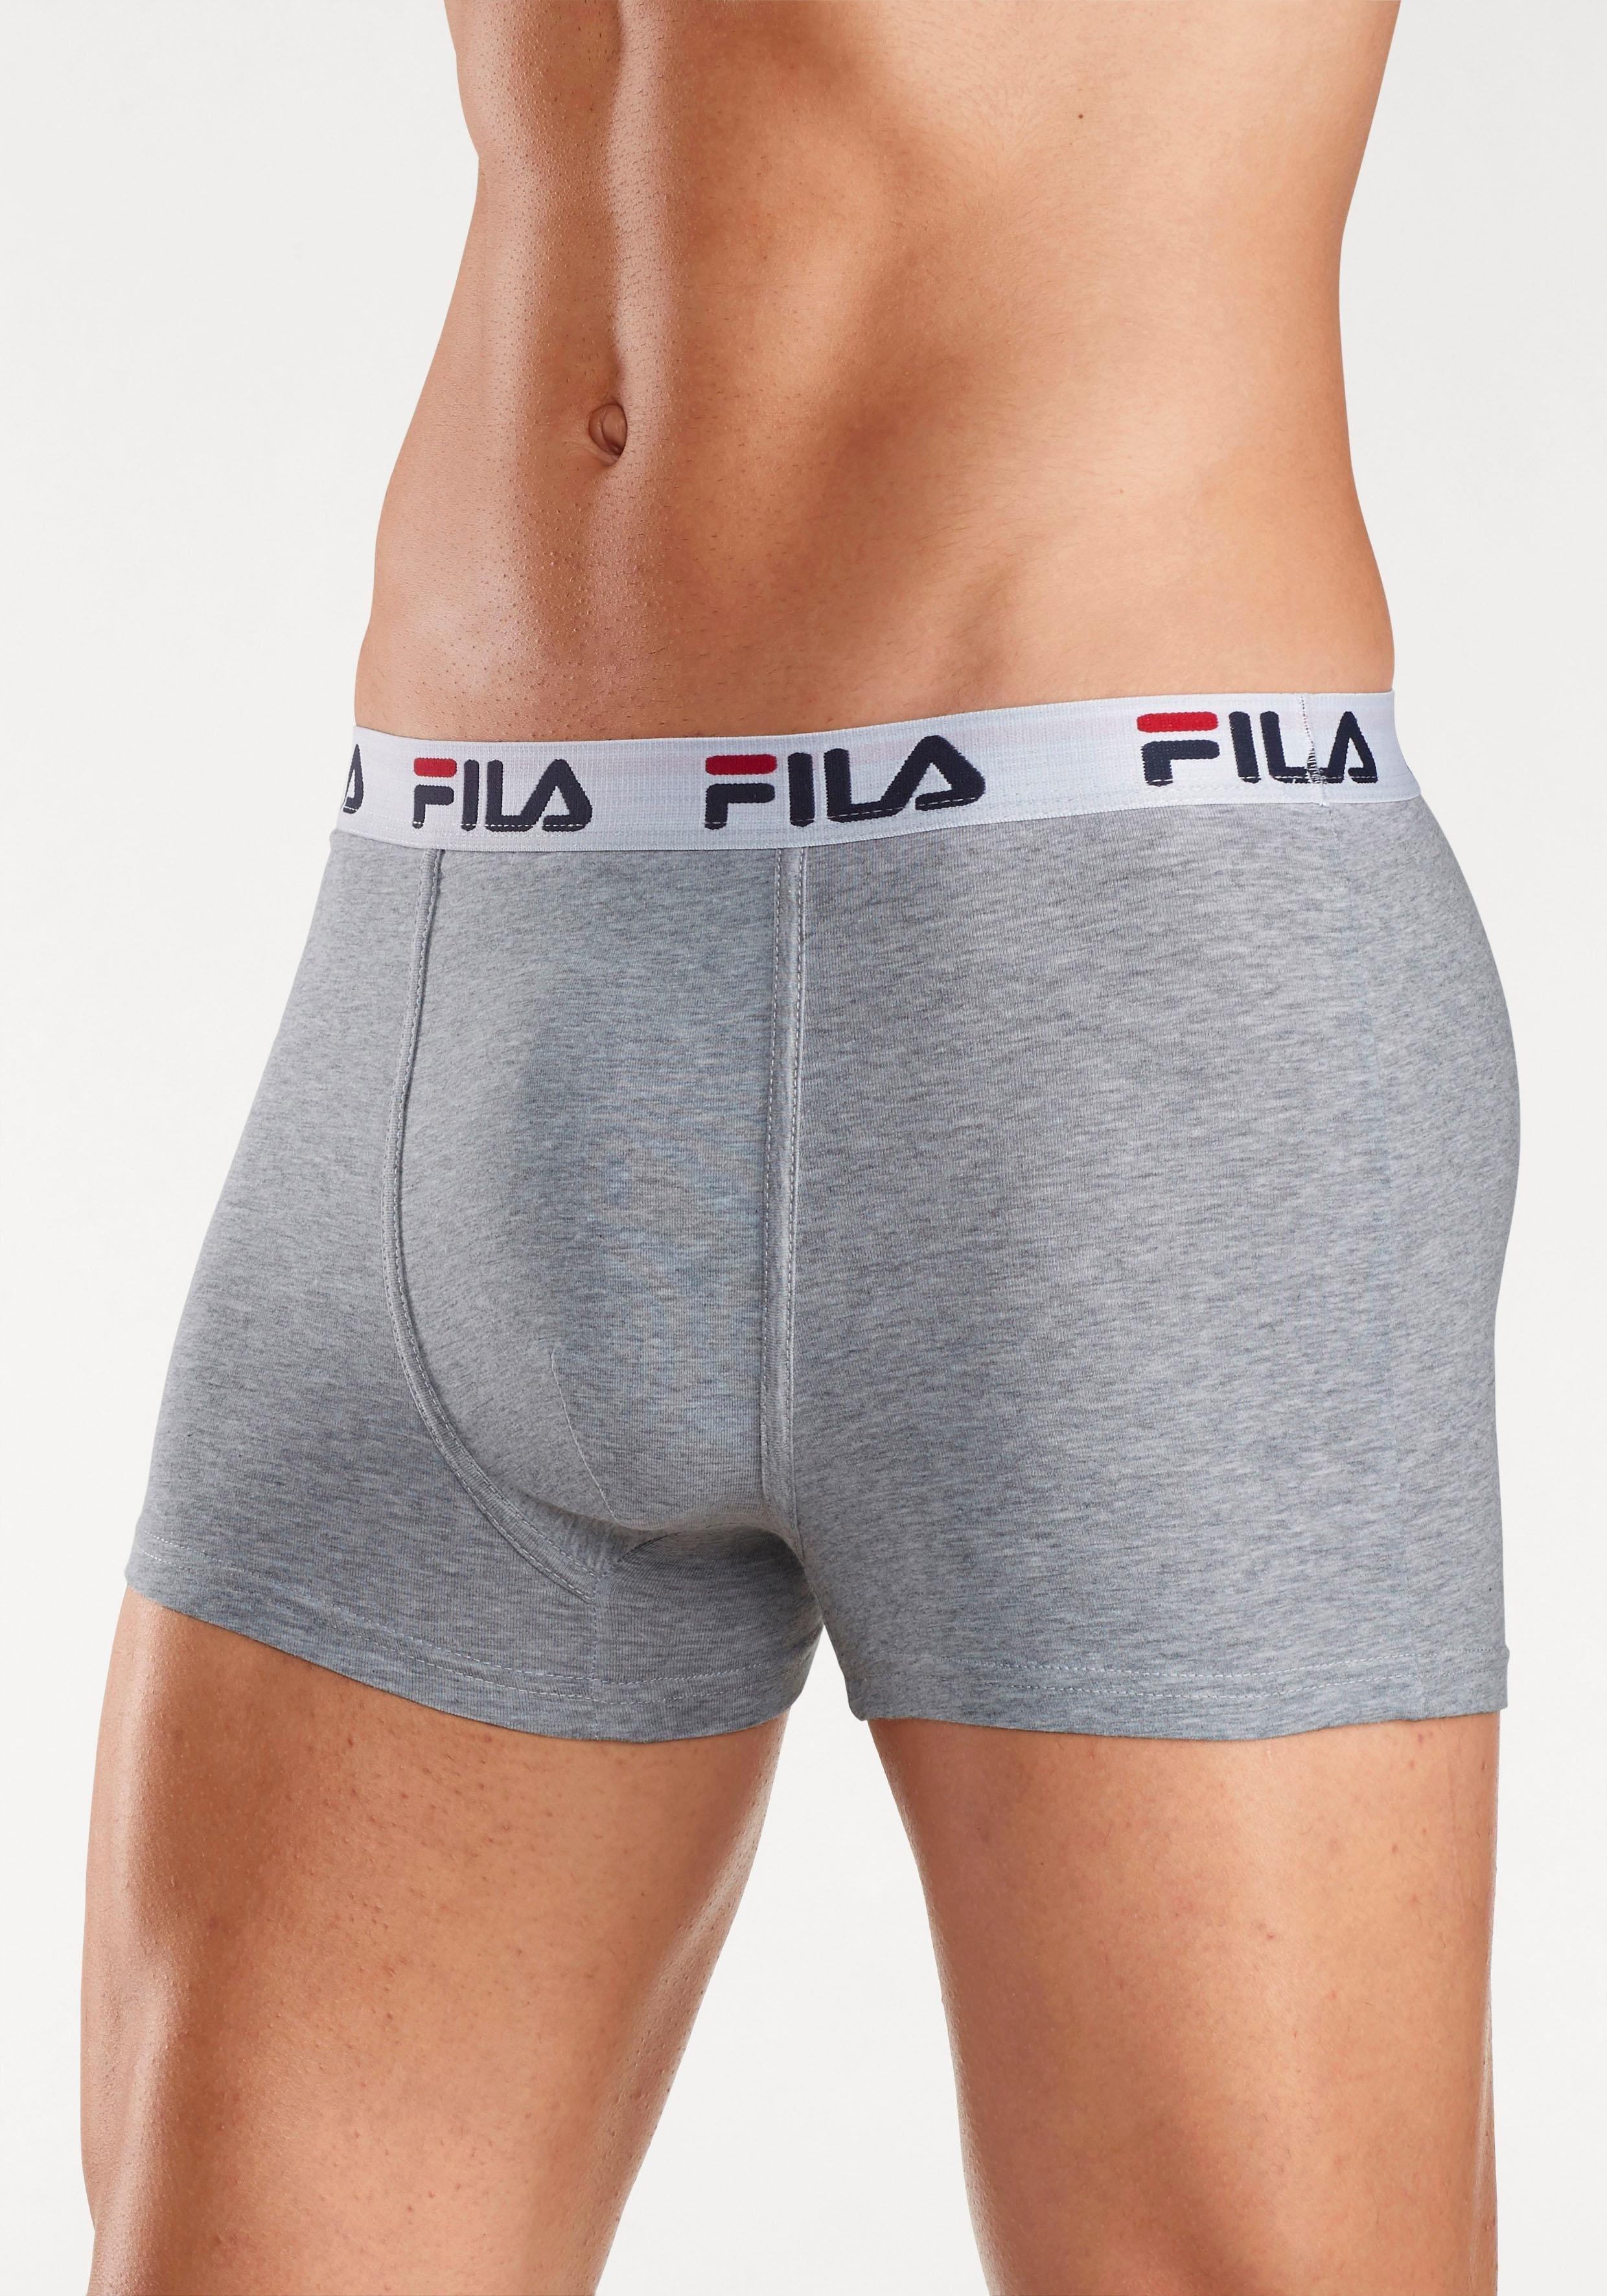 ef81400bd05 Fila boxershort met logoband (set van 2) bestellen bij | OTTO